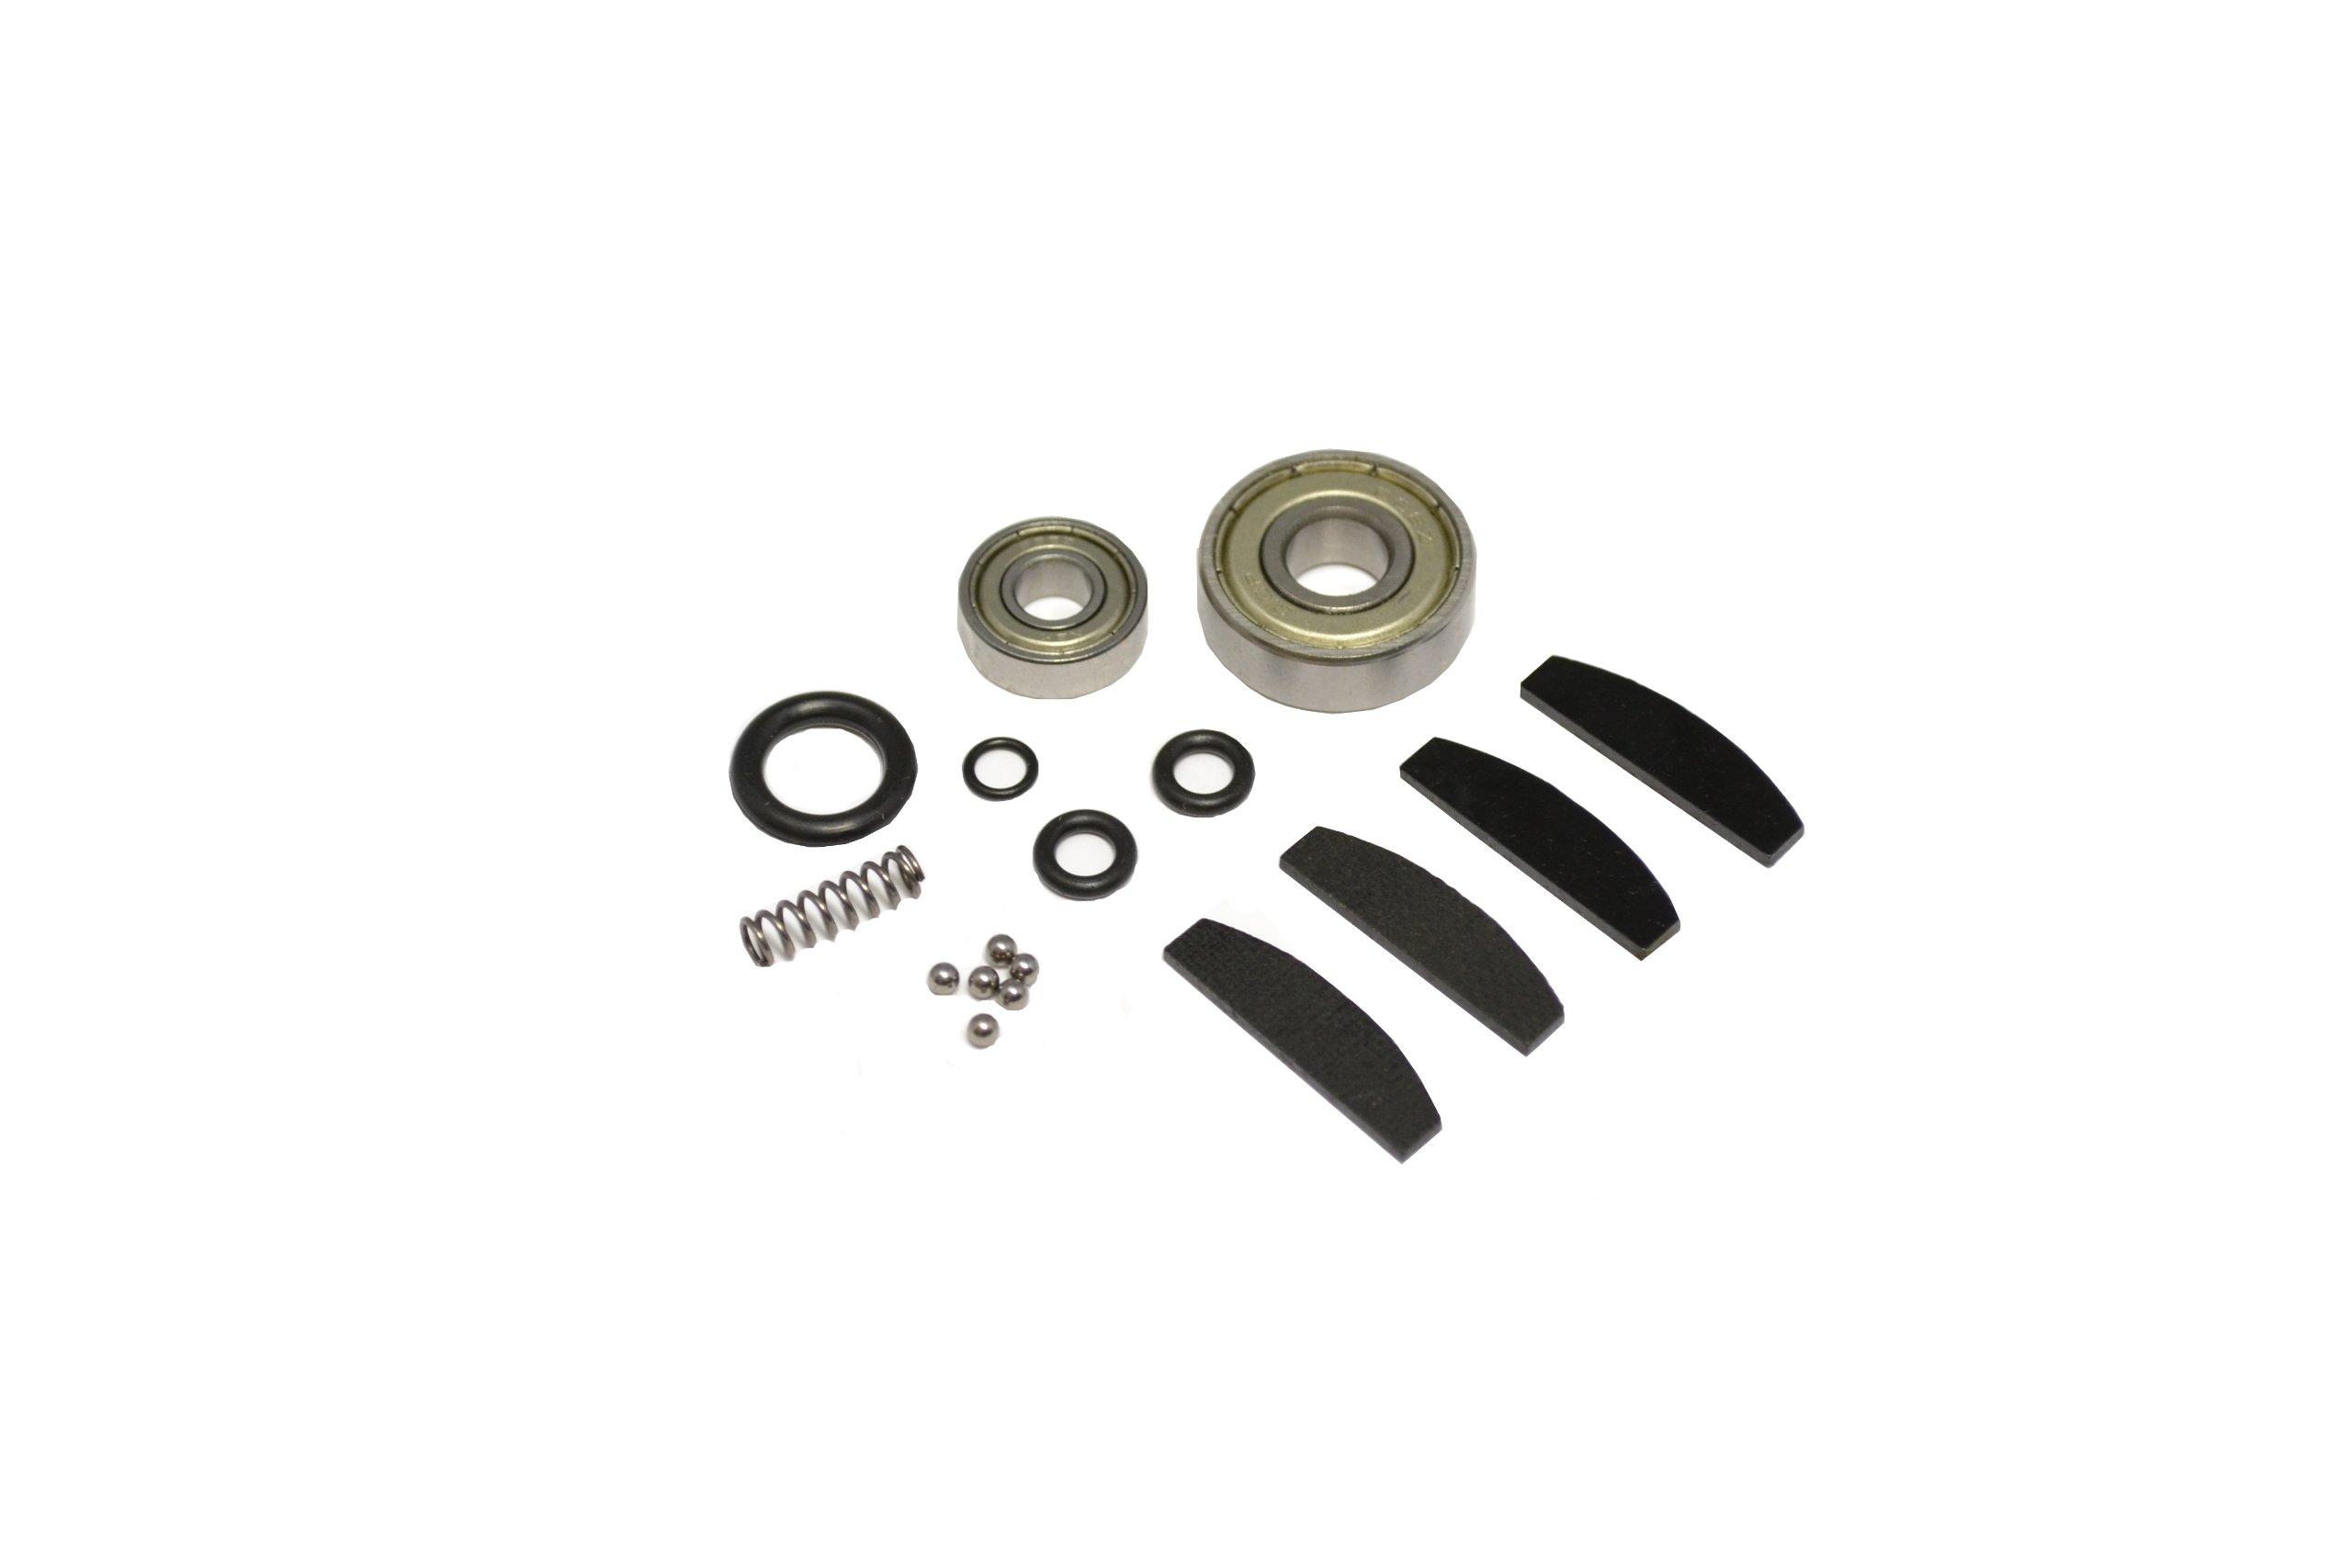 Repair Kit For 1/4'' Inch Grinder Model 34903